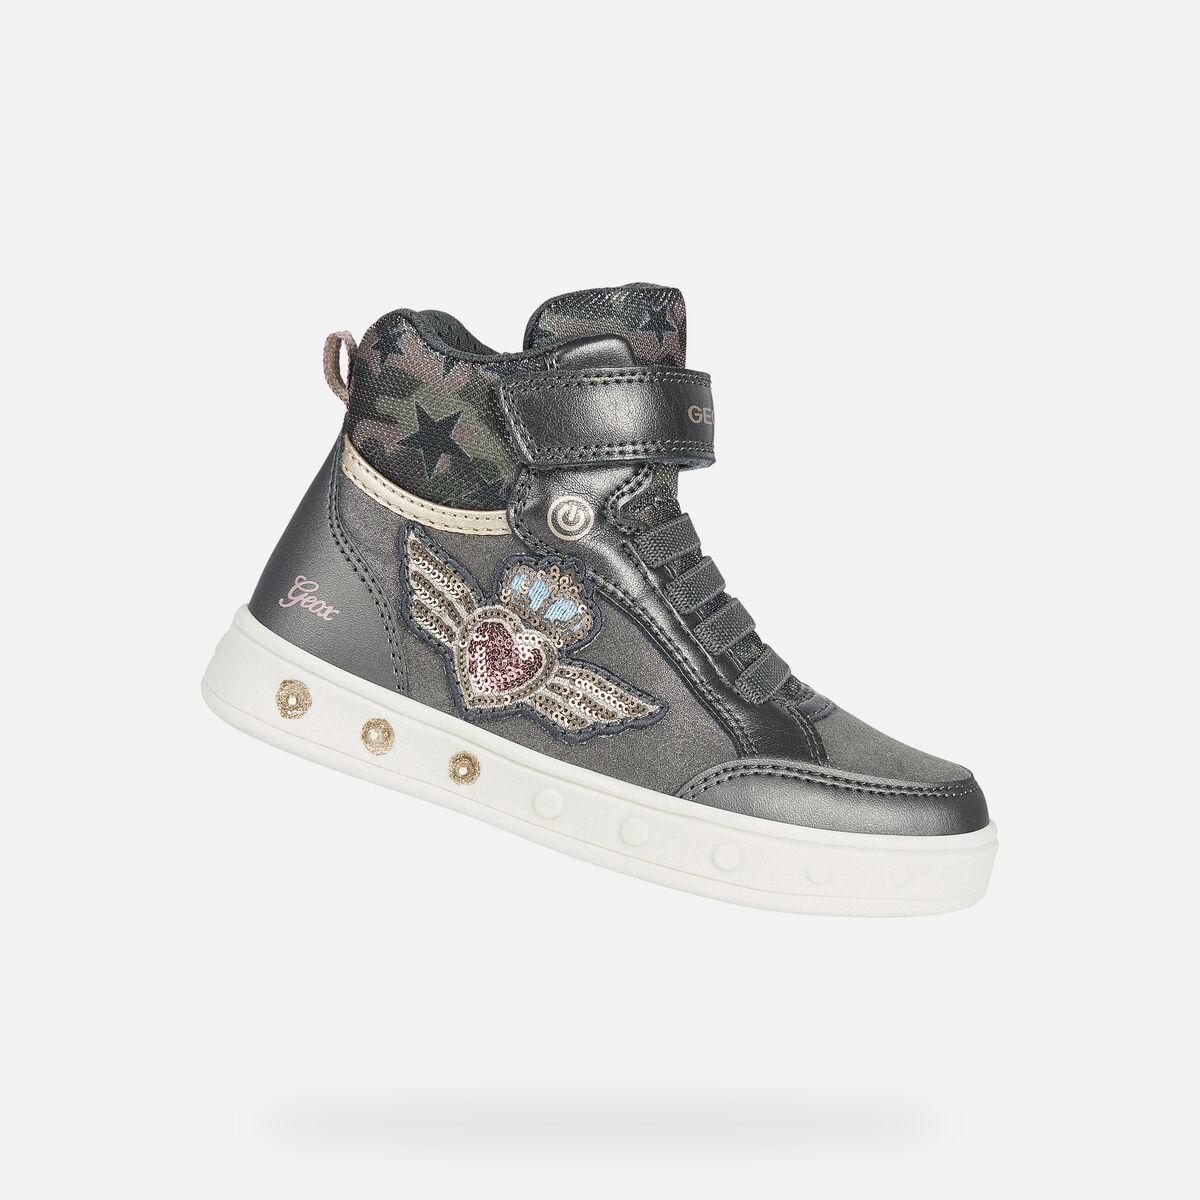 GEOX dětské kotníkové boty se svítící podrážkou SKYLIN GIRL šedé - J168WB